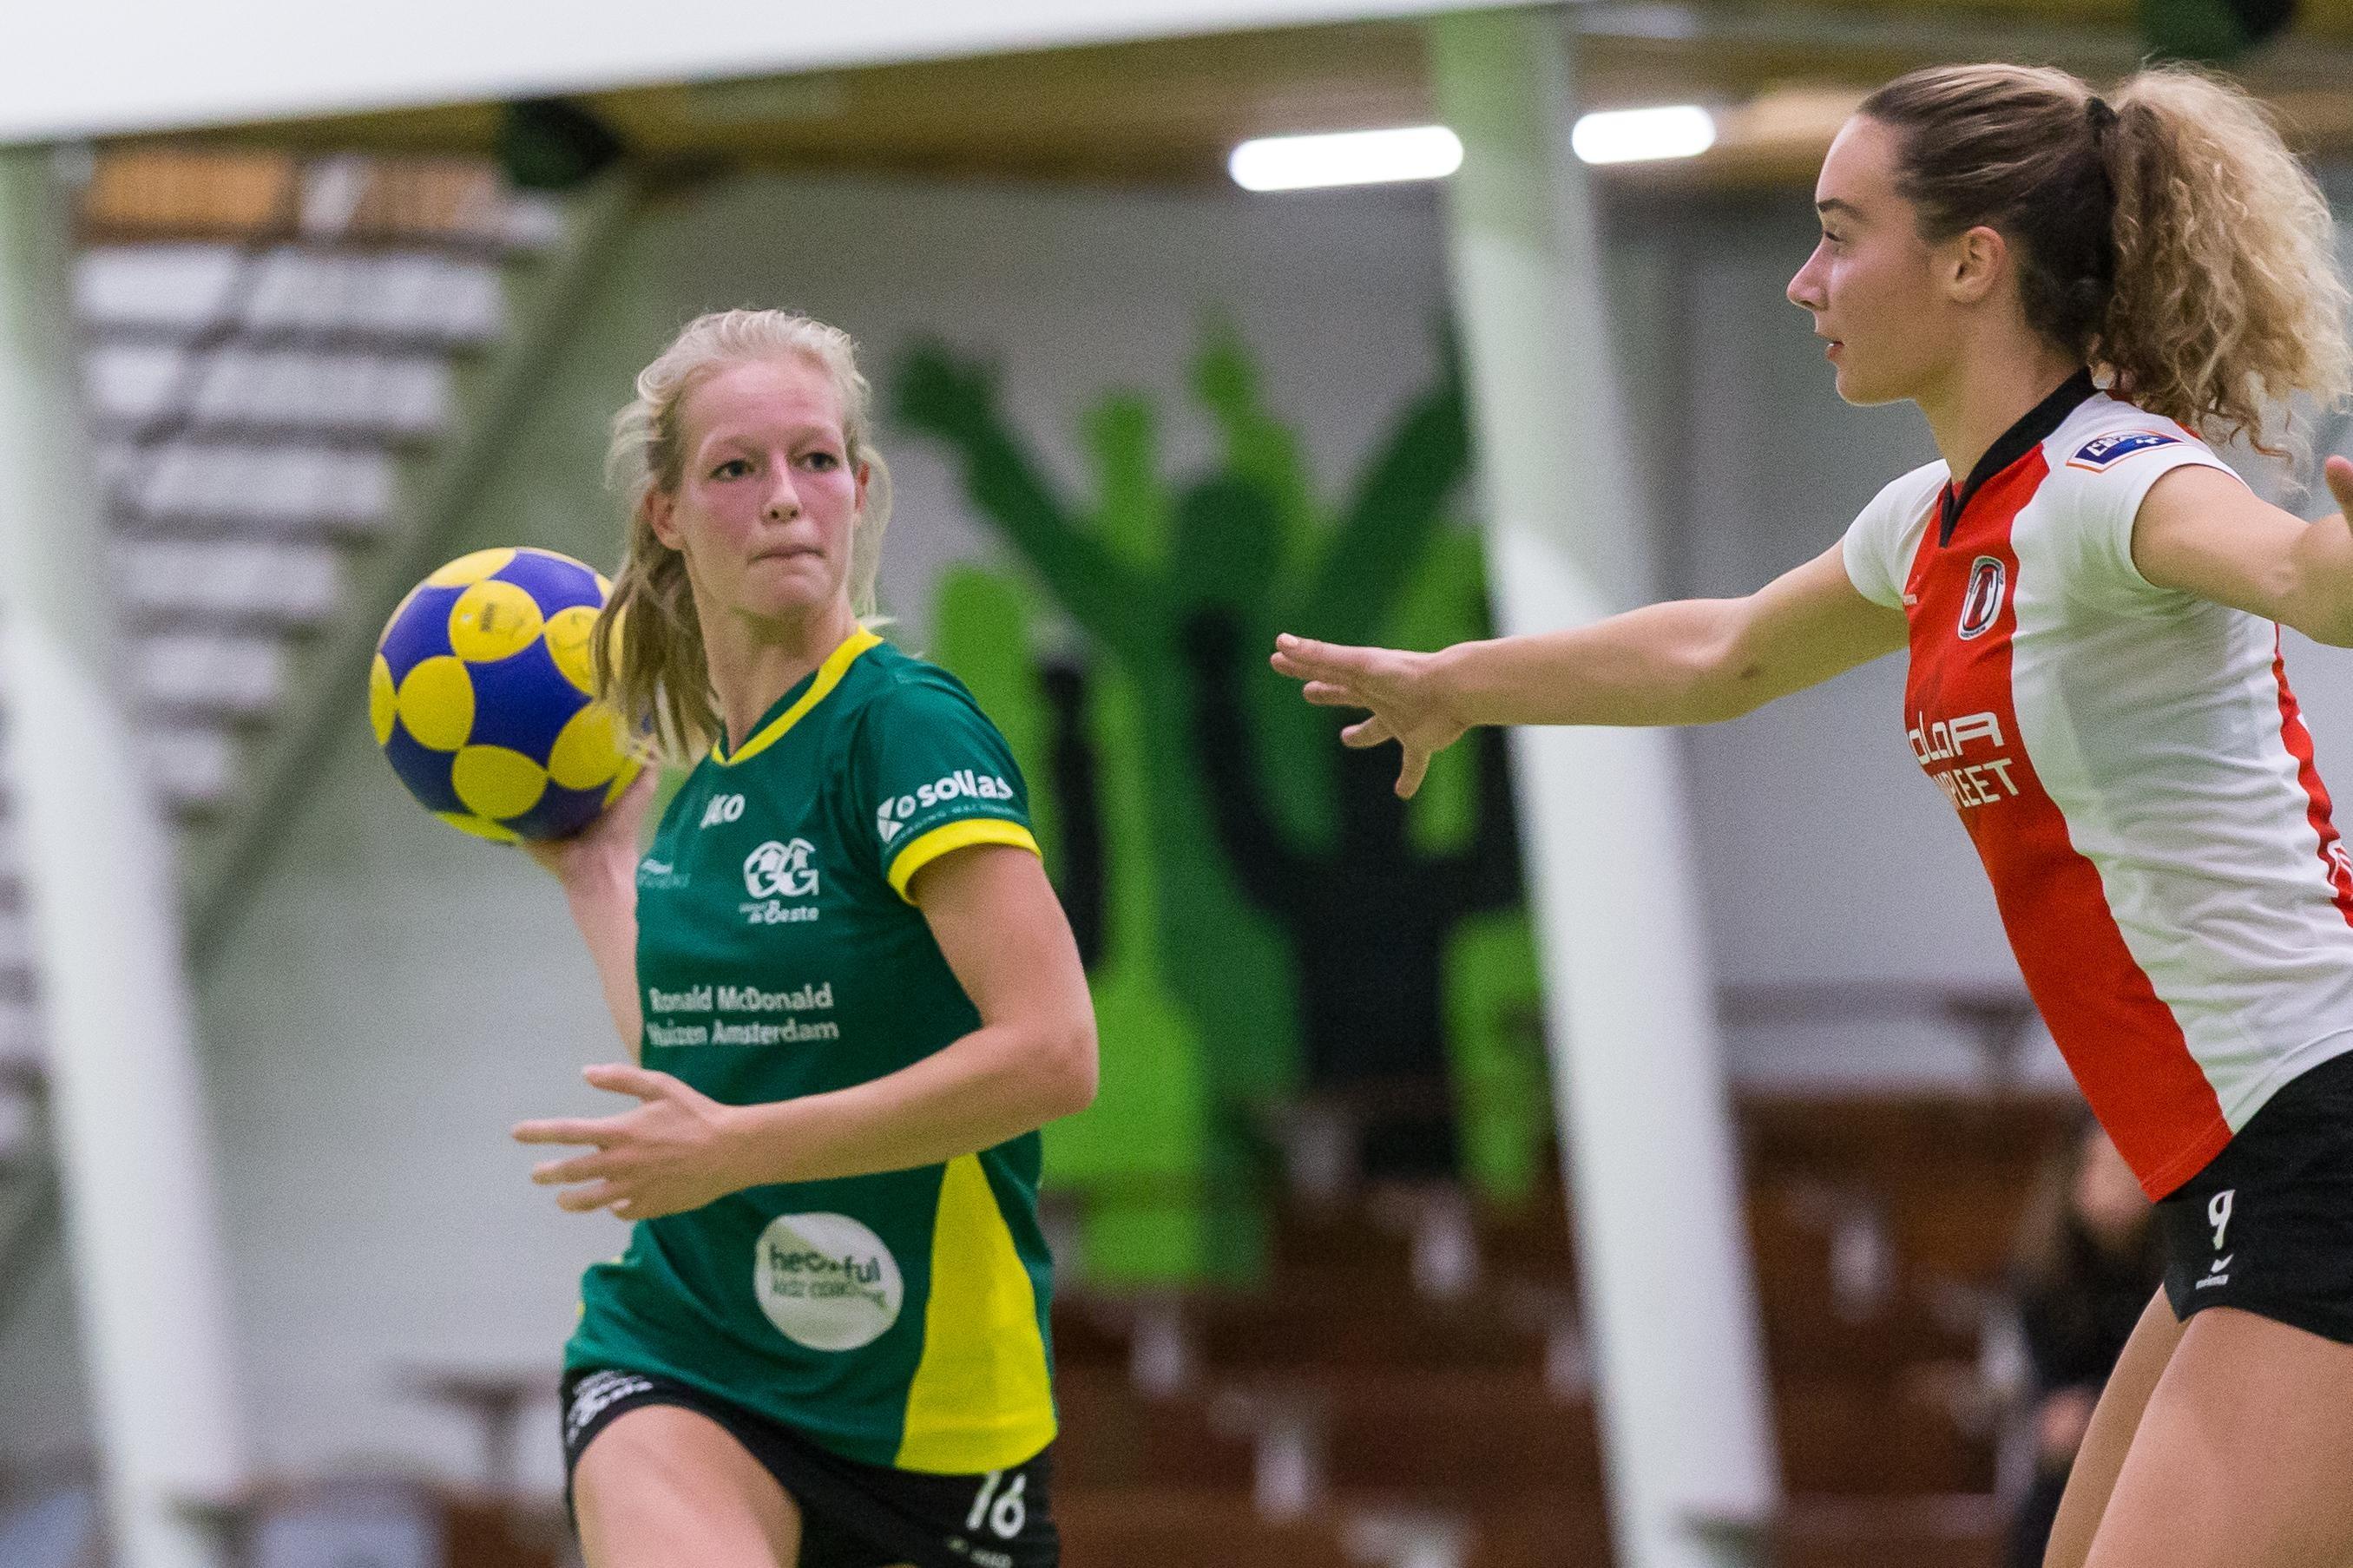 Fenna Jagtman verkast van TOP naar Groen-Geel om te kunnen spelen in de Korfbal League - Leidsch Dagblad